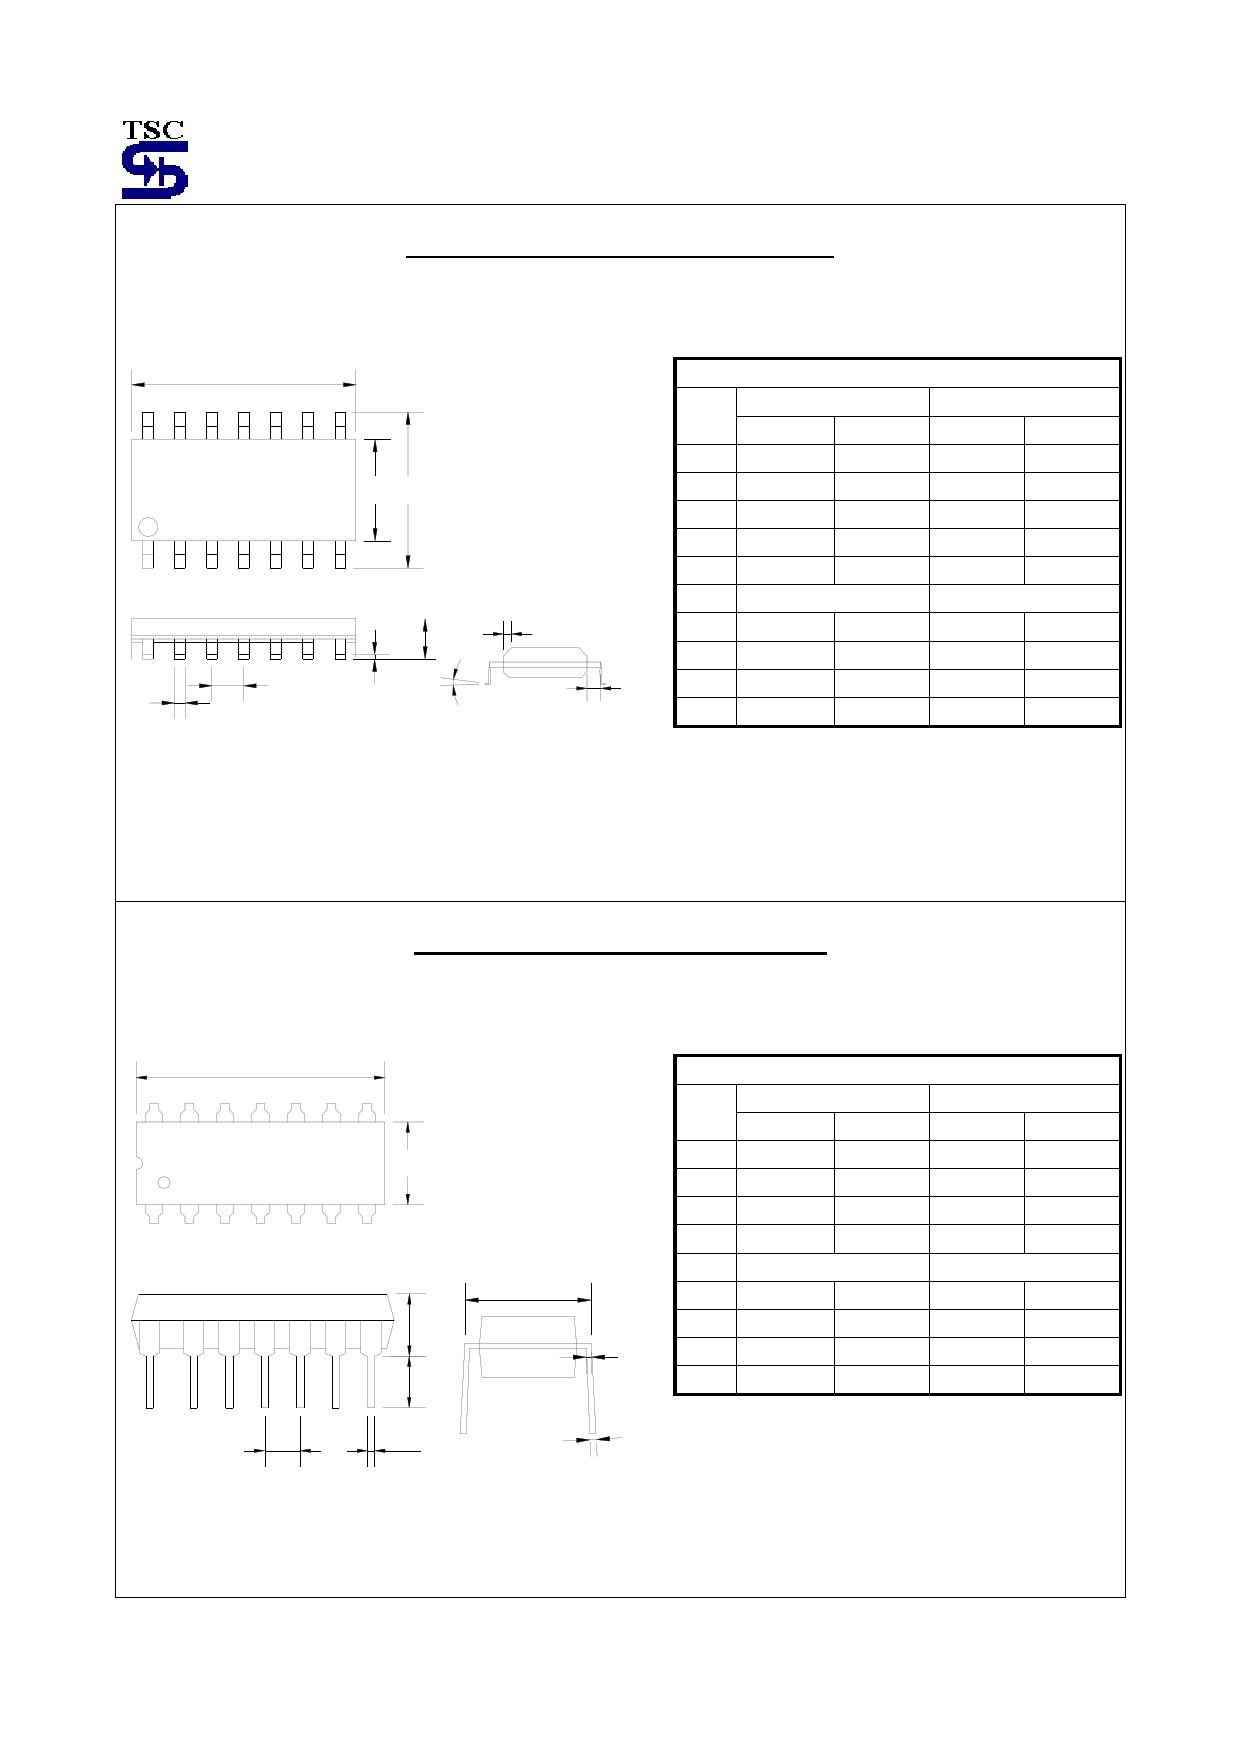 TS2901 電子部品, 半導体